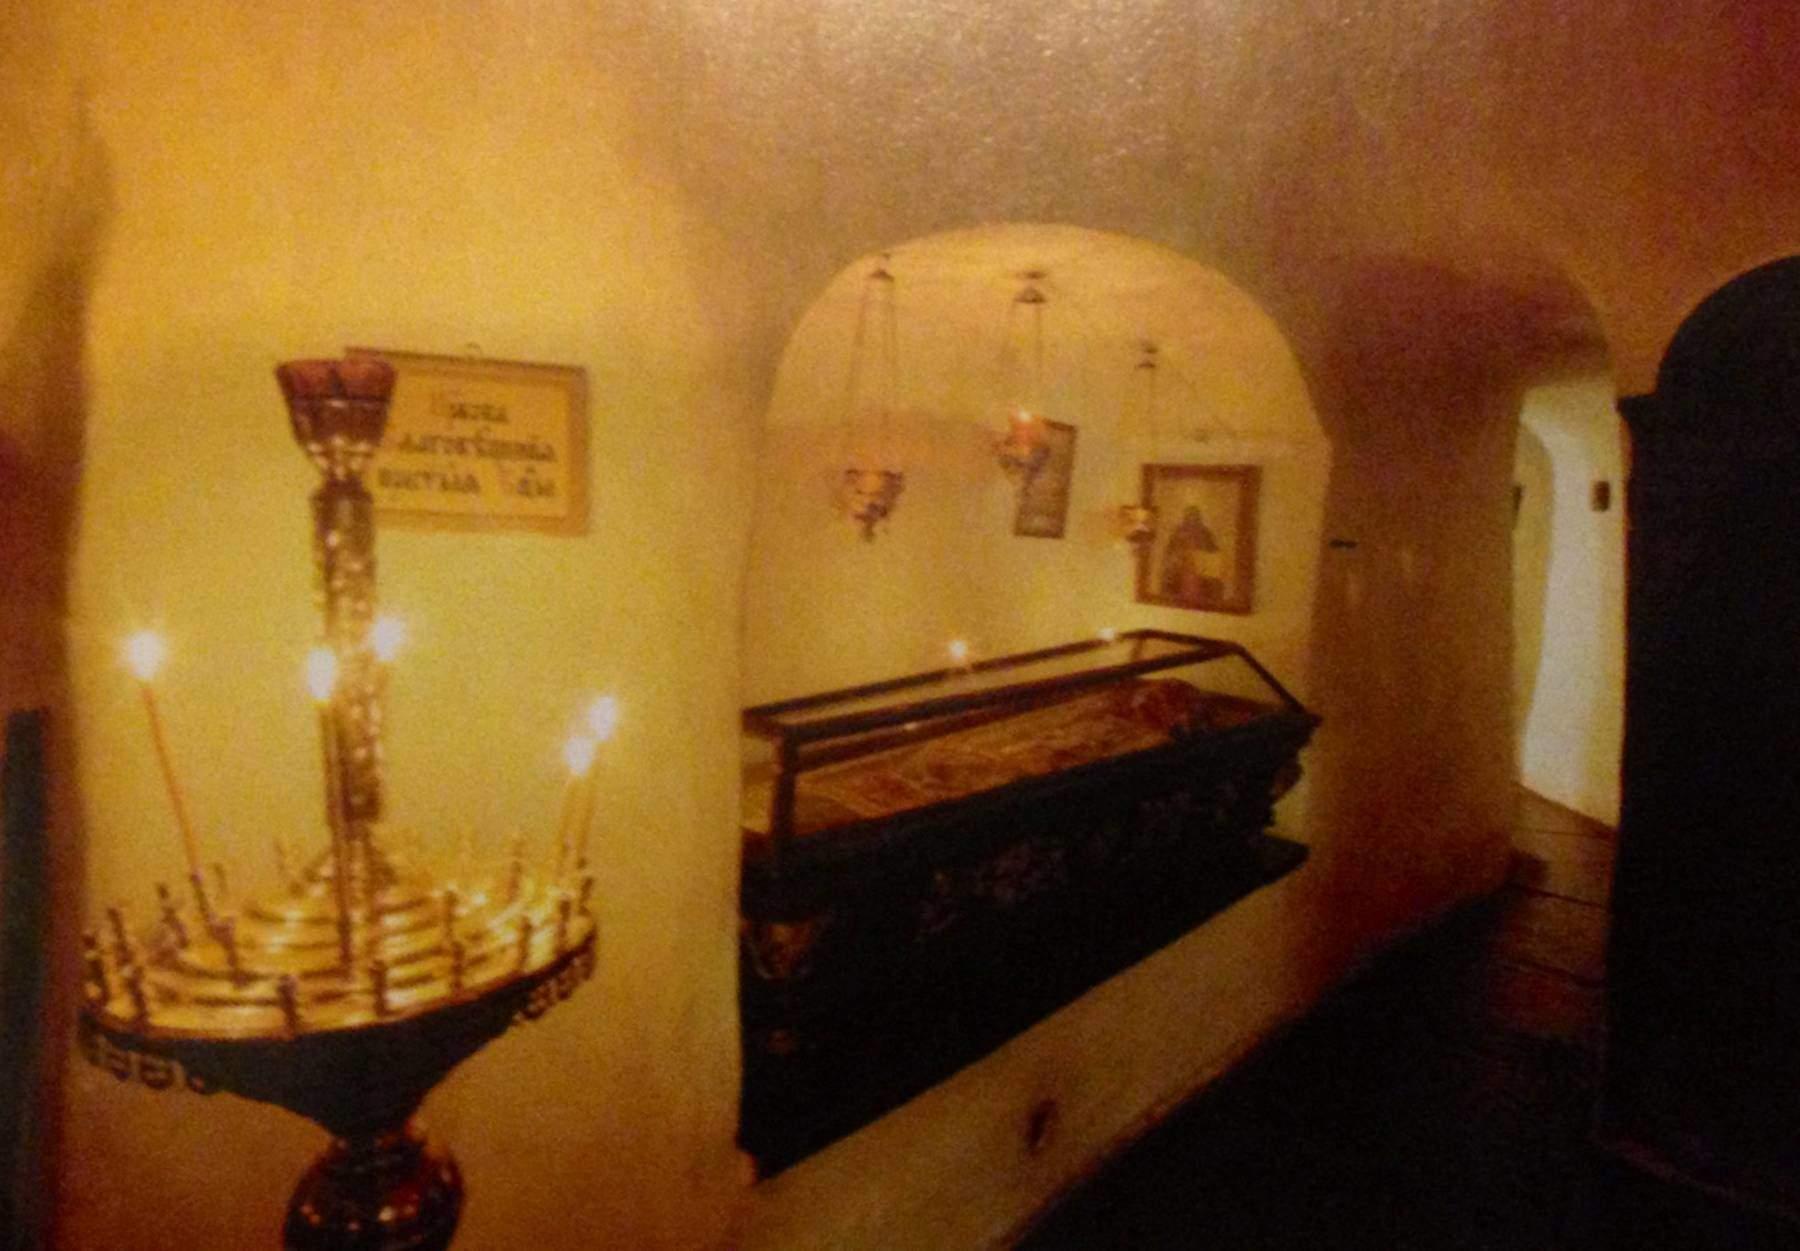 Din şehidi Vladimir'in rölikleri Lavra Manastırı'nın Uzak Mağaralar bölümünde yer alıyor. Fotoğraflar: Holy-Dormition Kiev-Pechersk Lavra, 2008.